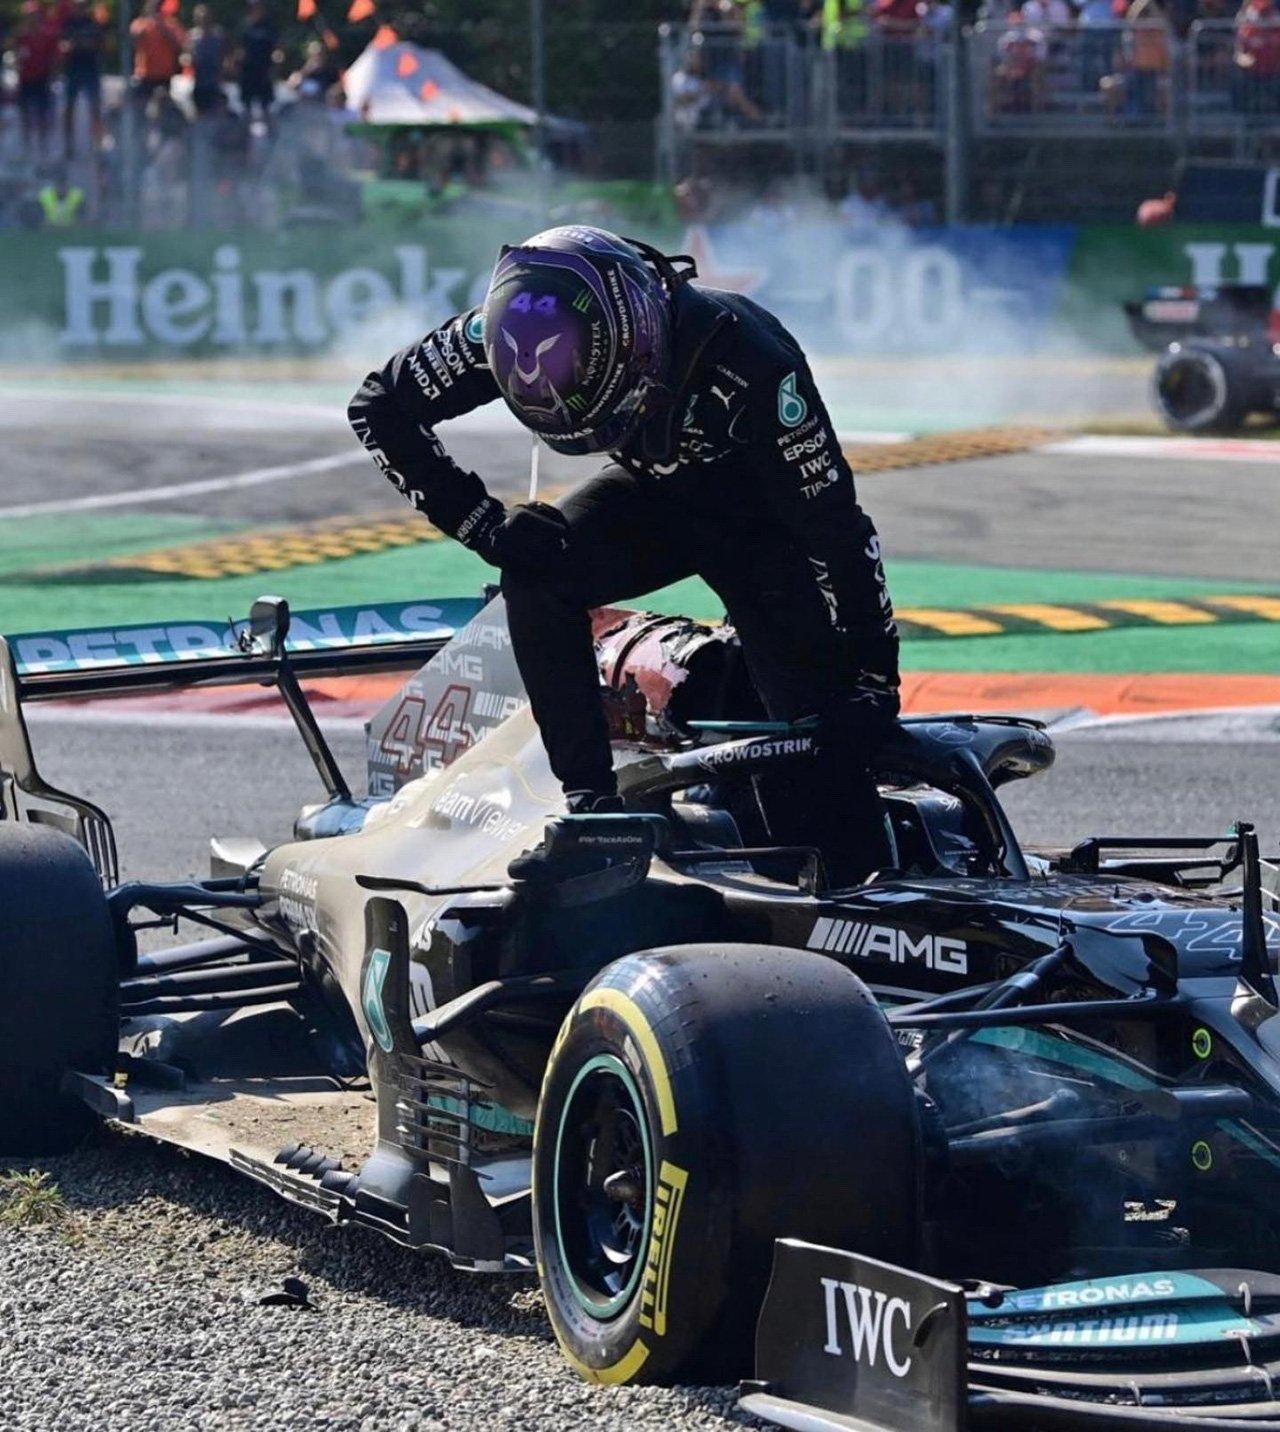 ルイス・ハミルトン 「ヘイローに命を救われた。生きていることに感謝」 / F1イタリアGP 決勝